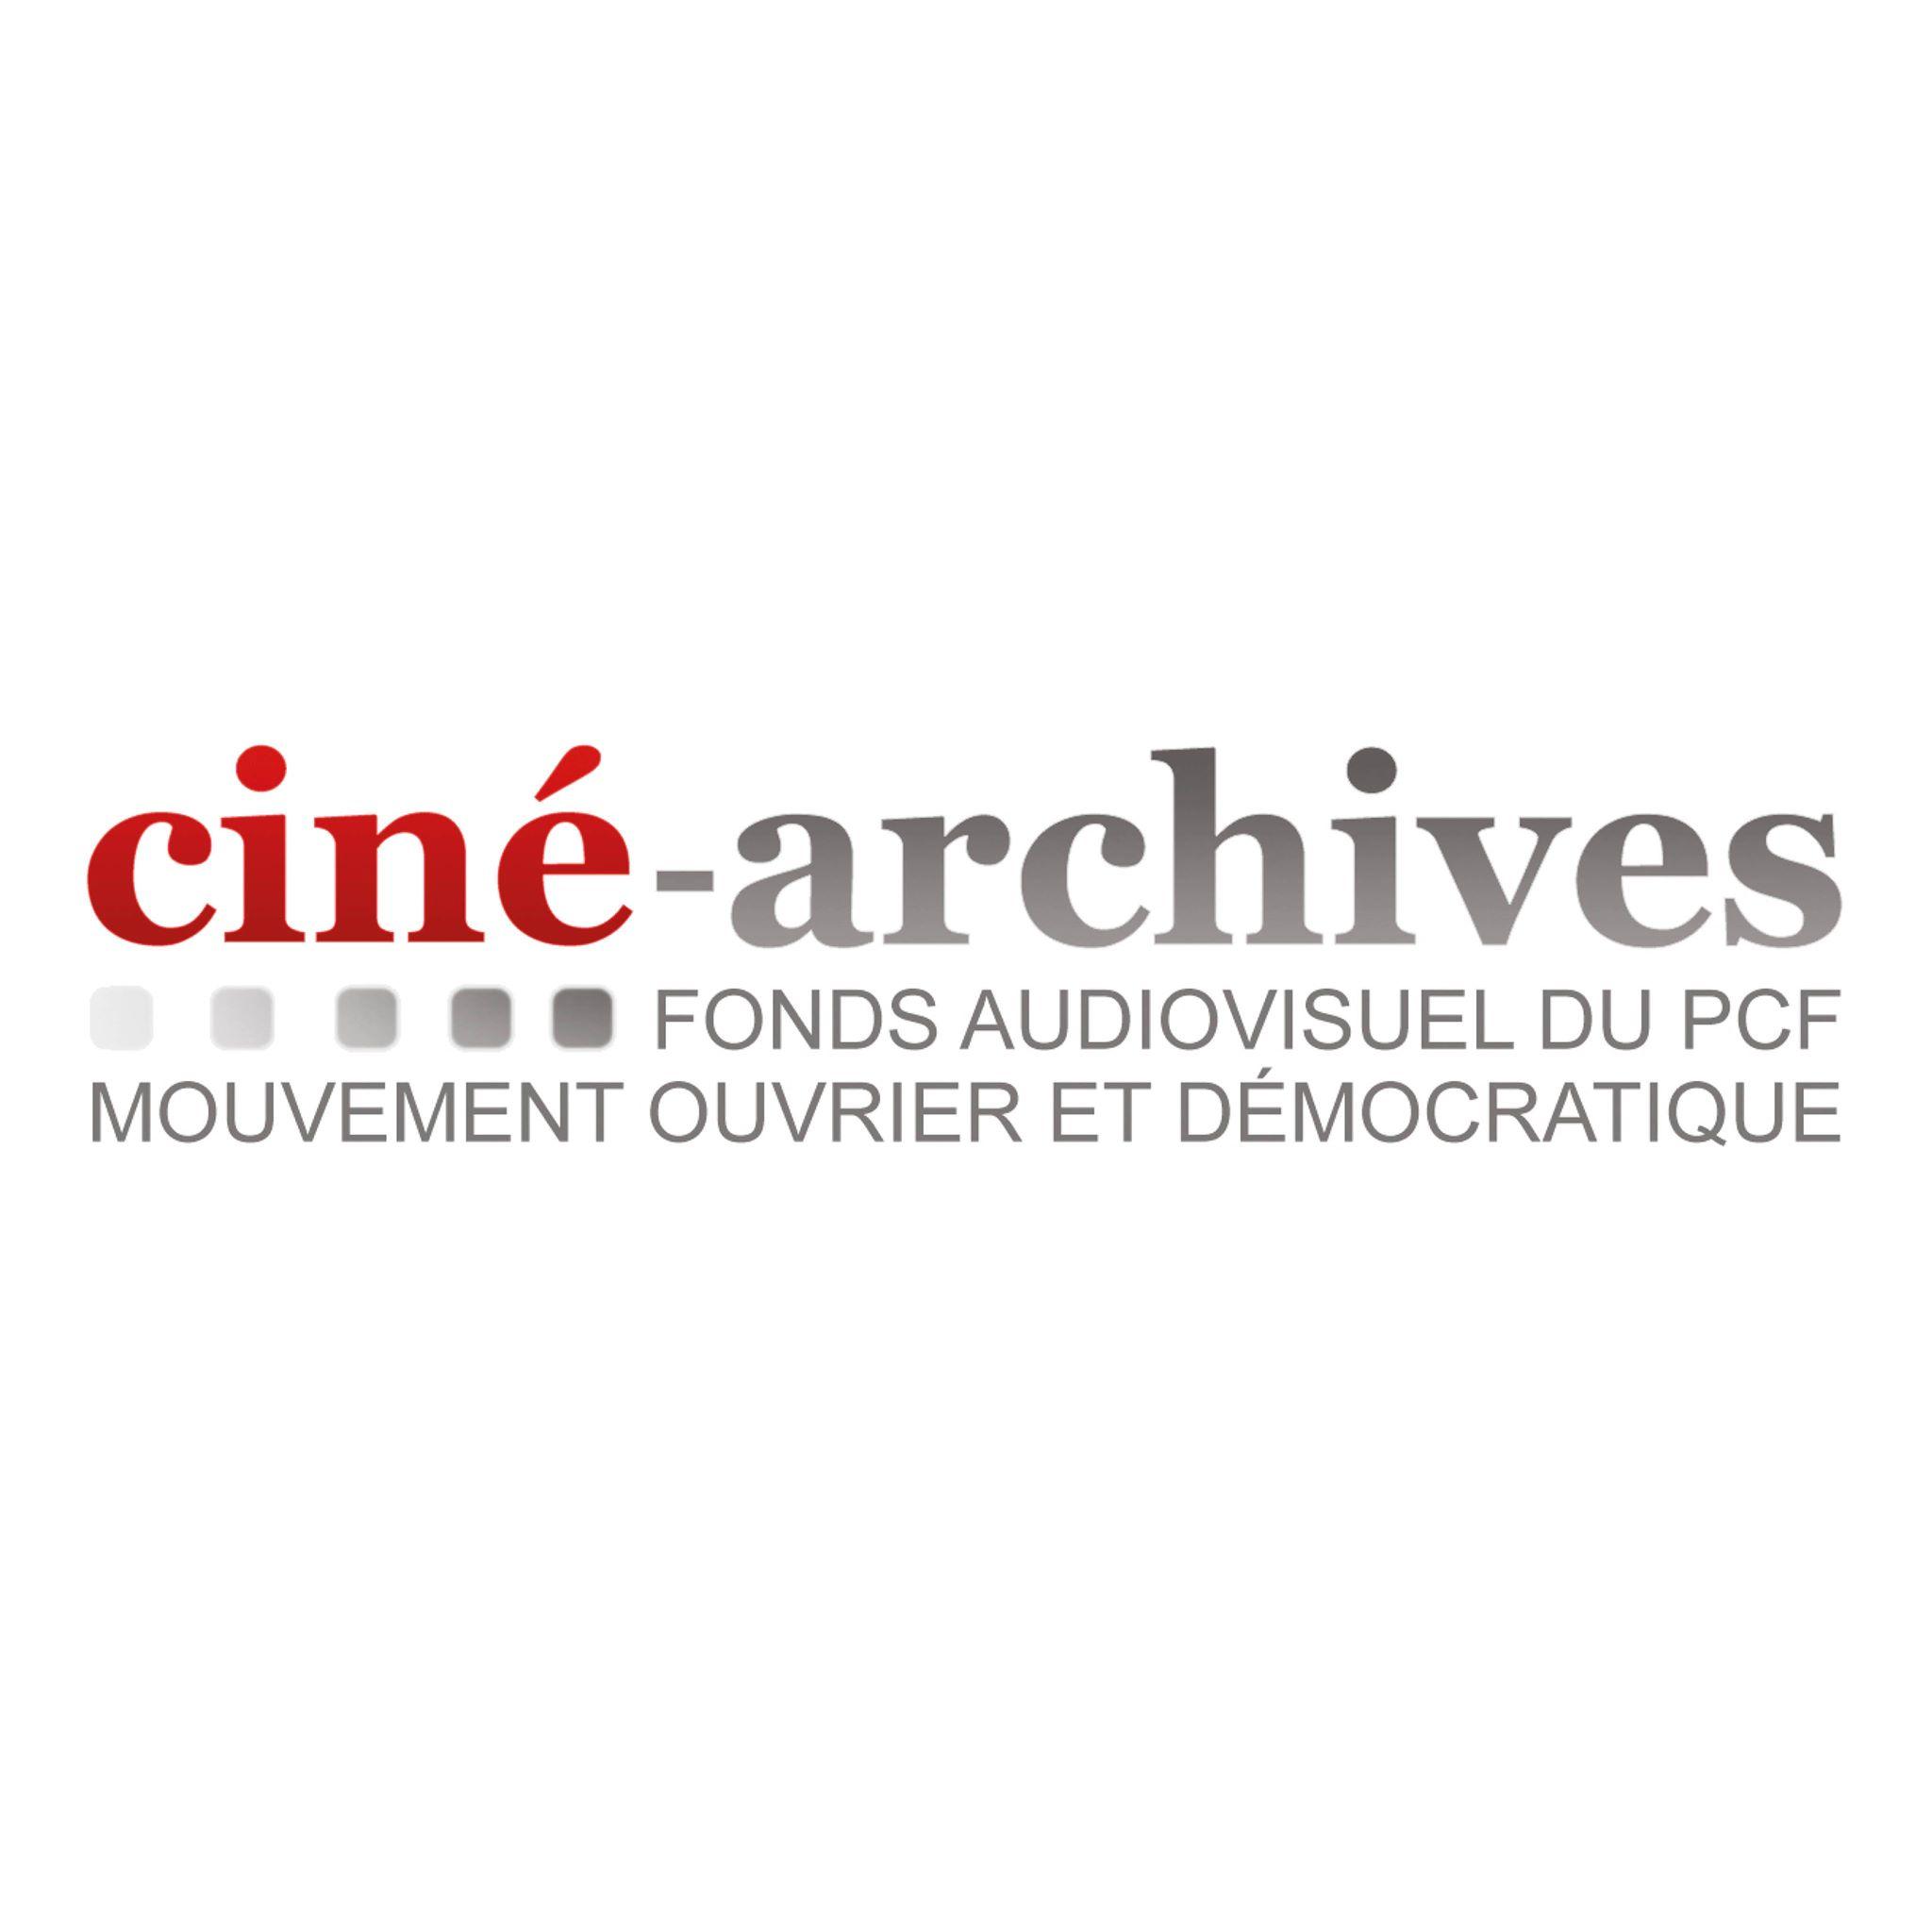 CinéArchives